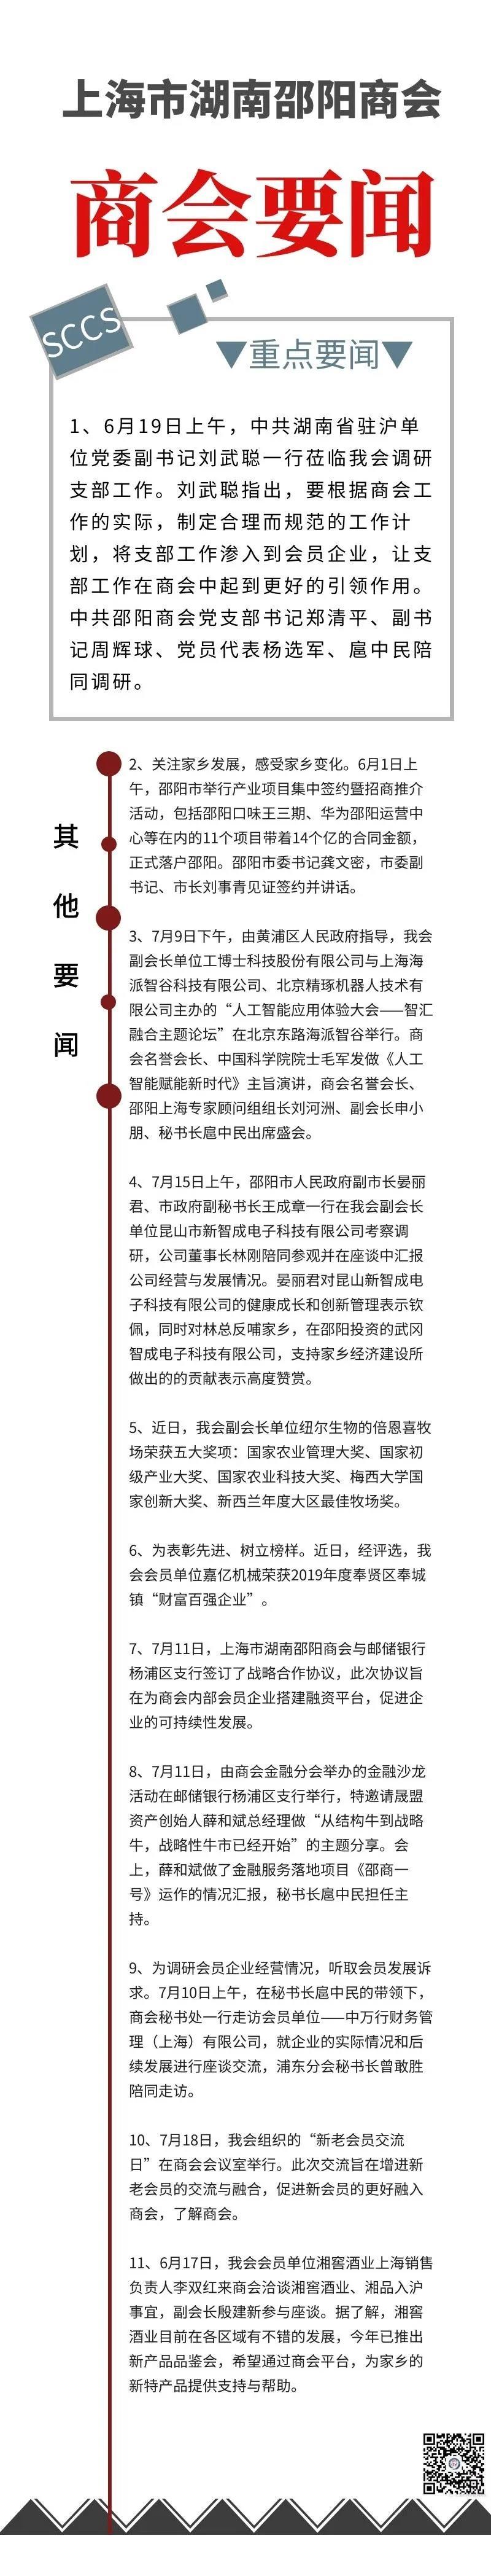 上海市湖南邵阳商会要闻